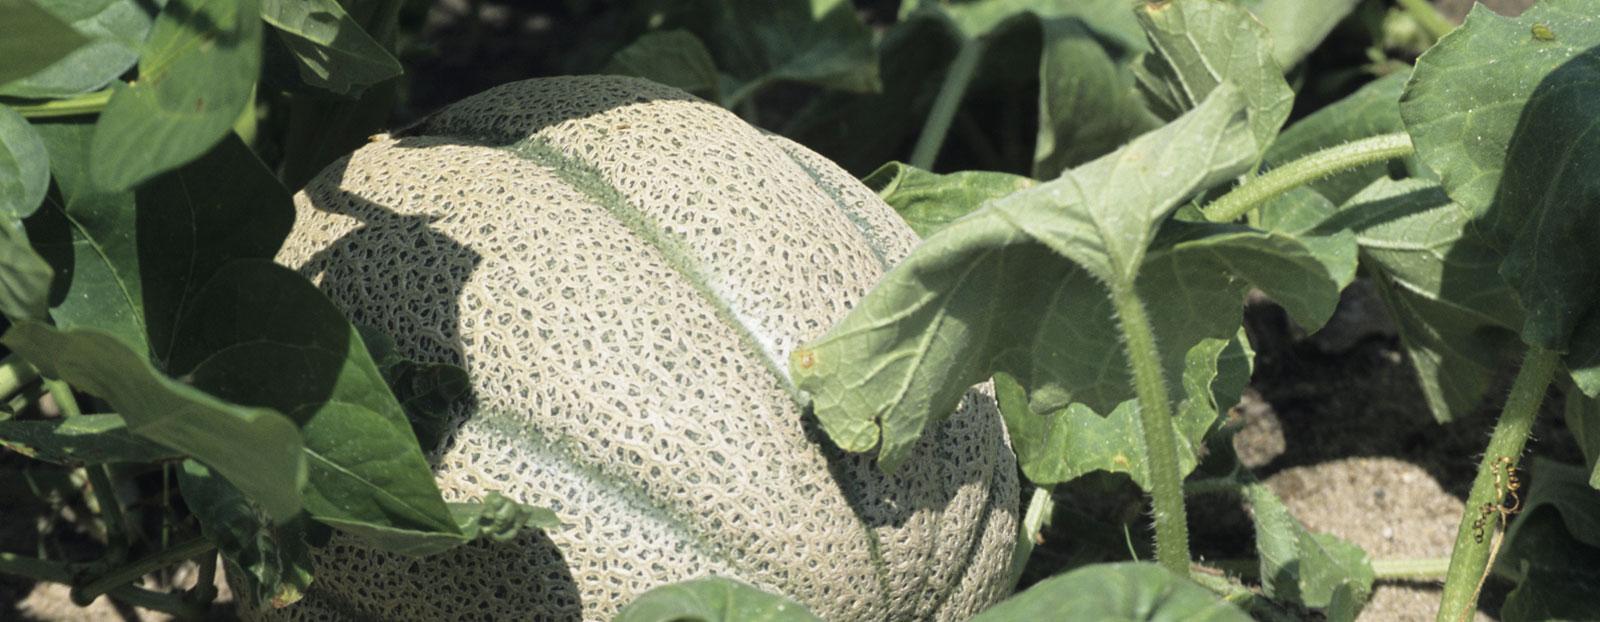 在自然栖息地生长着的哈密瓜